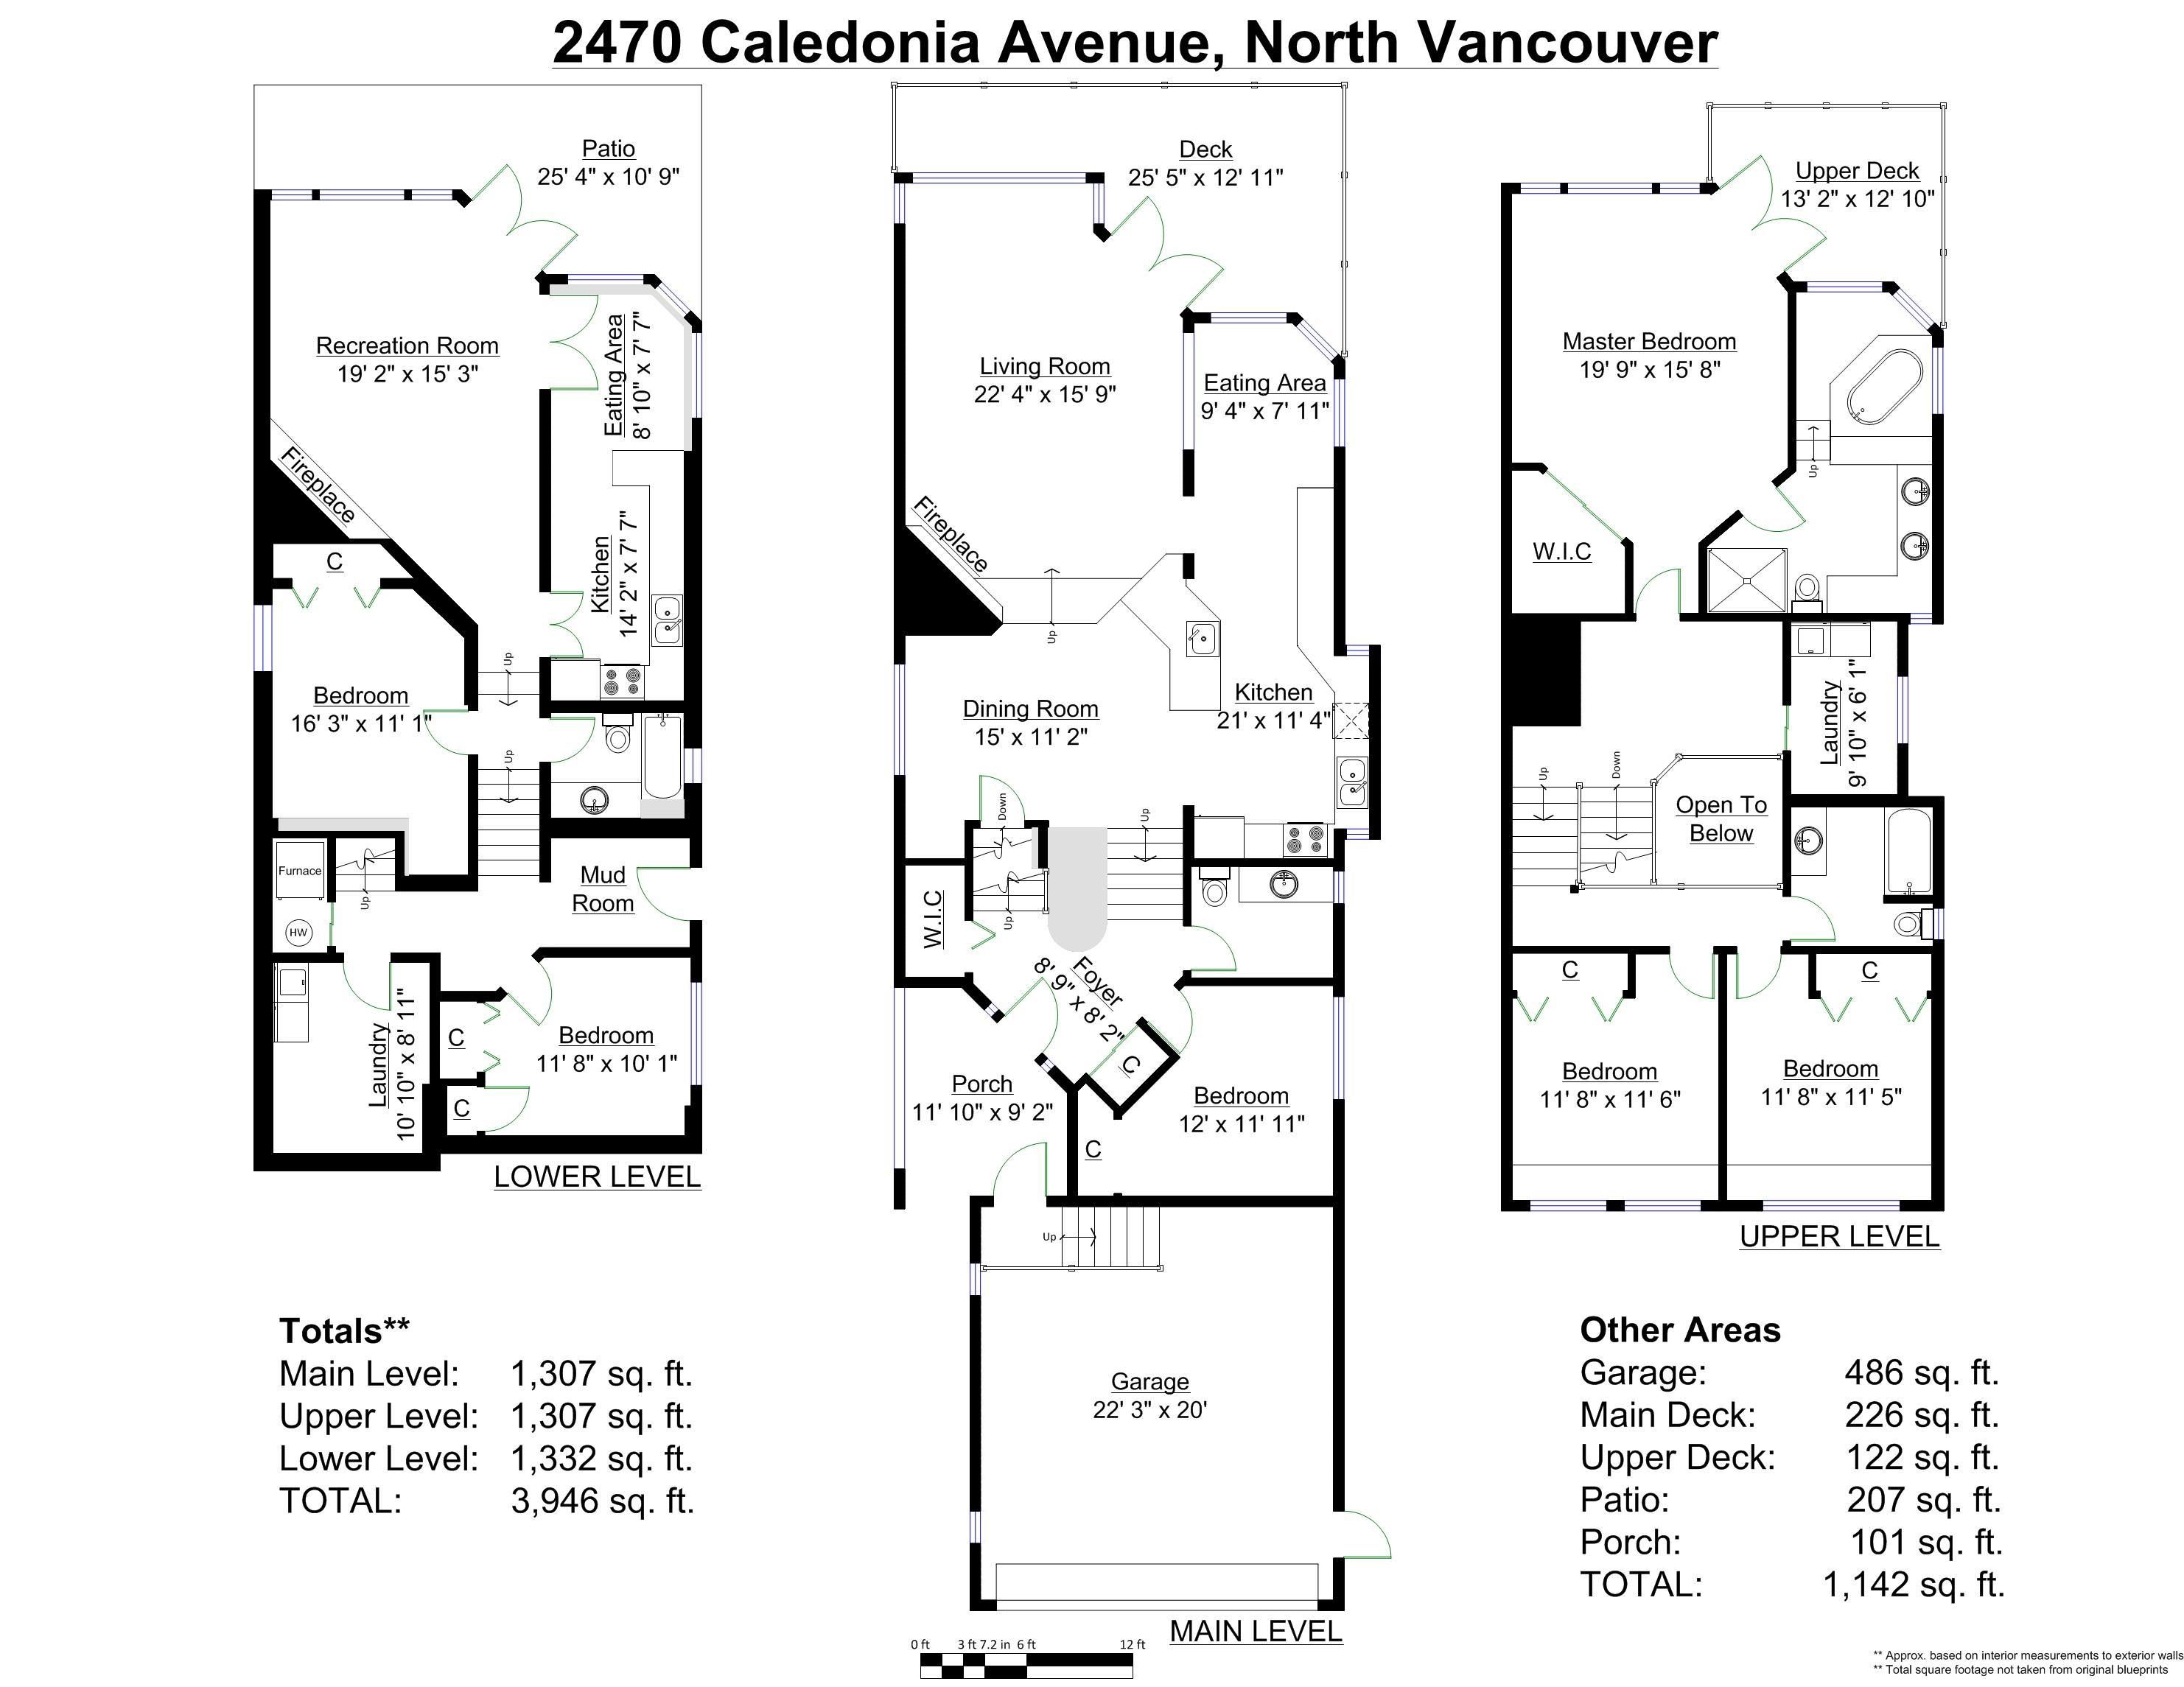 2470 Caledonia Av - Floor Plan.jpg